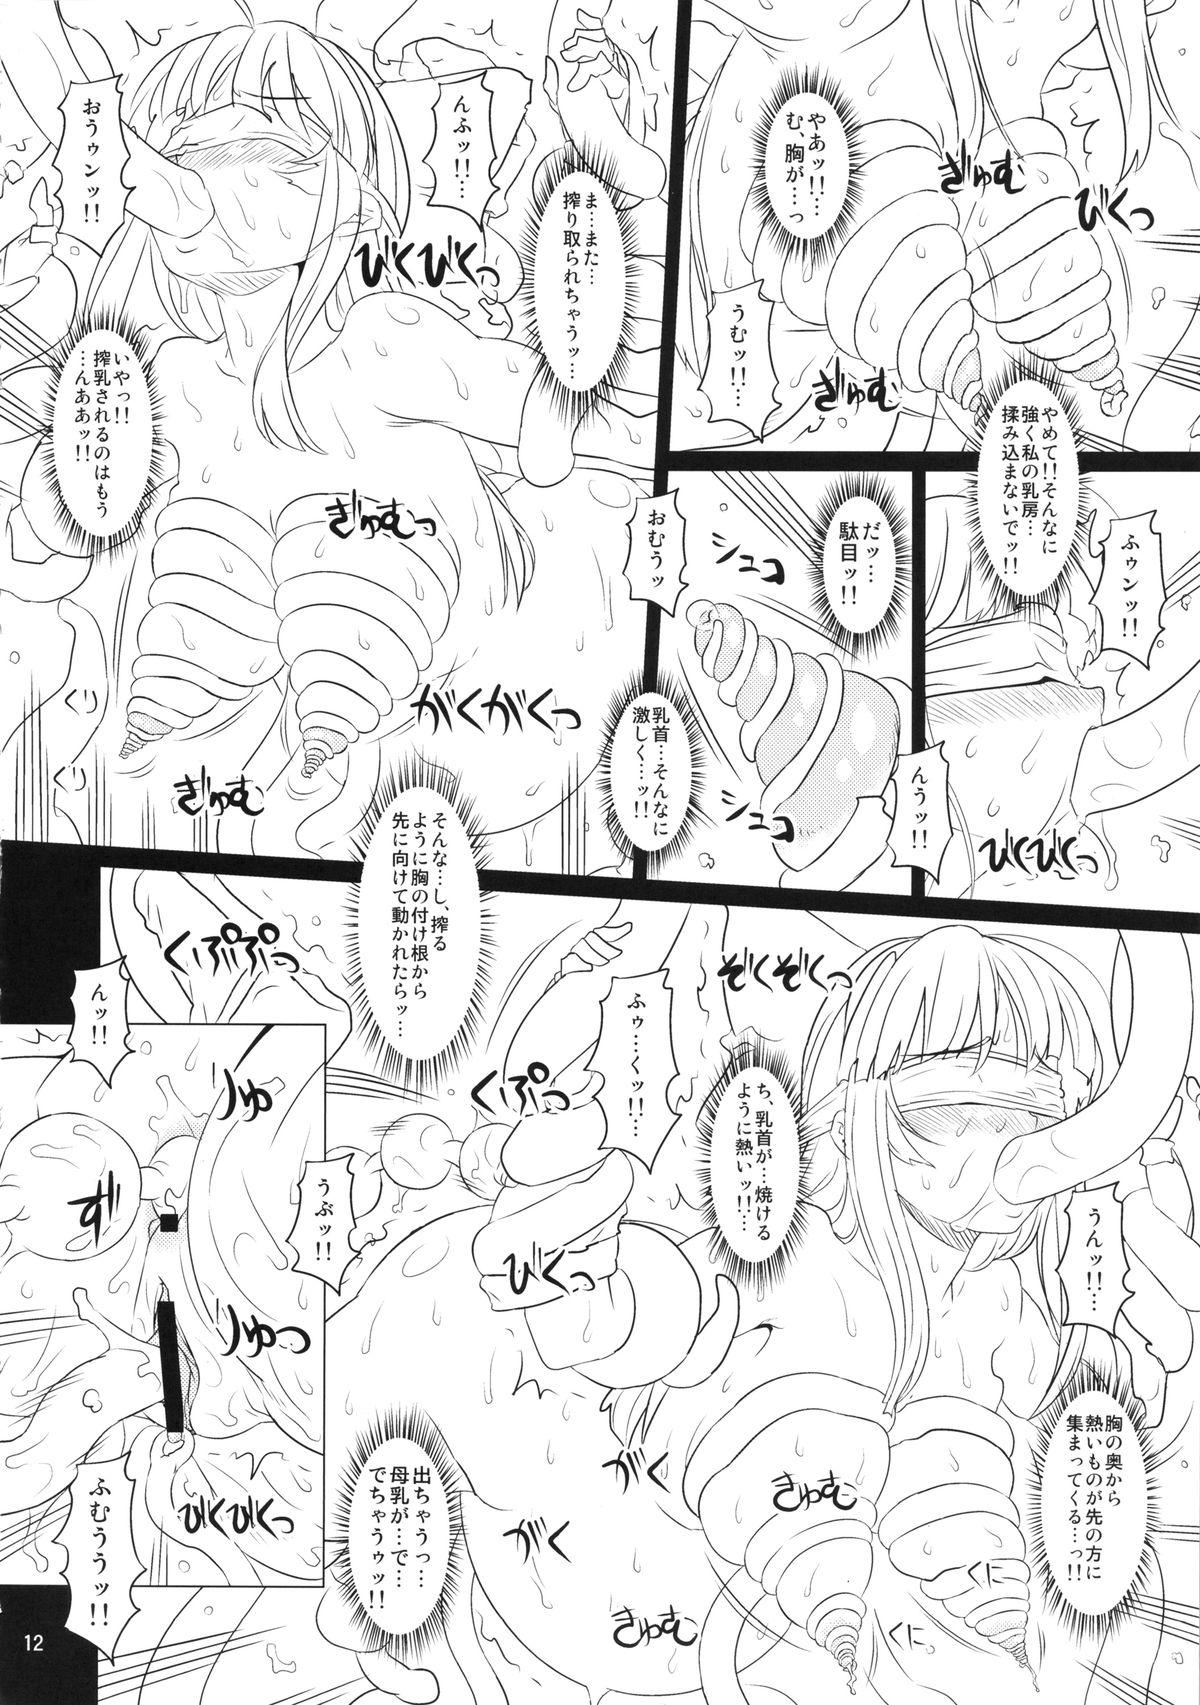 Kokuin no Miko 10